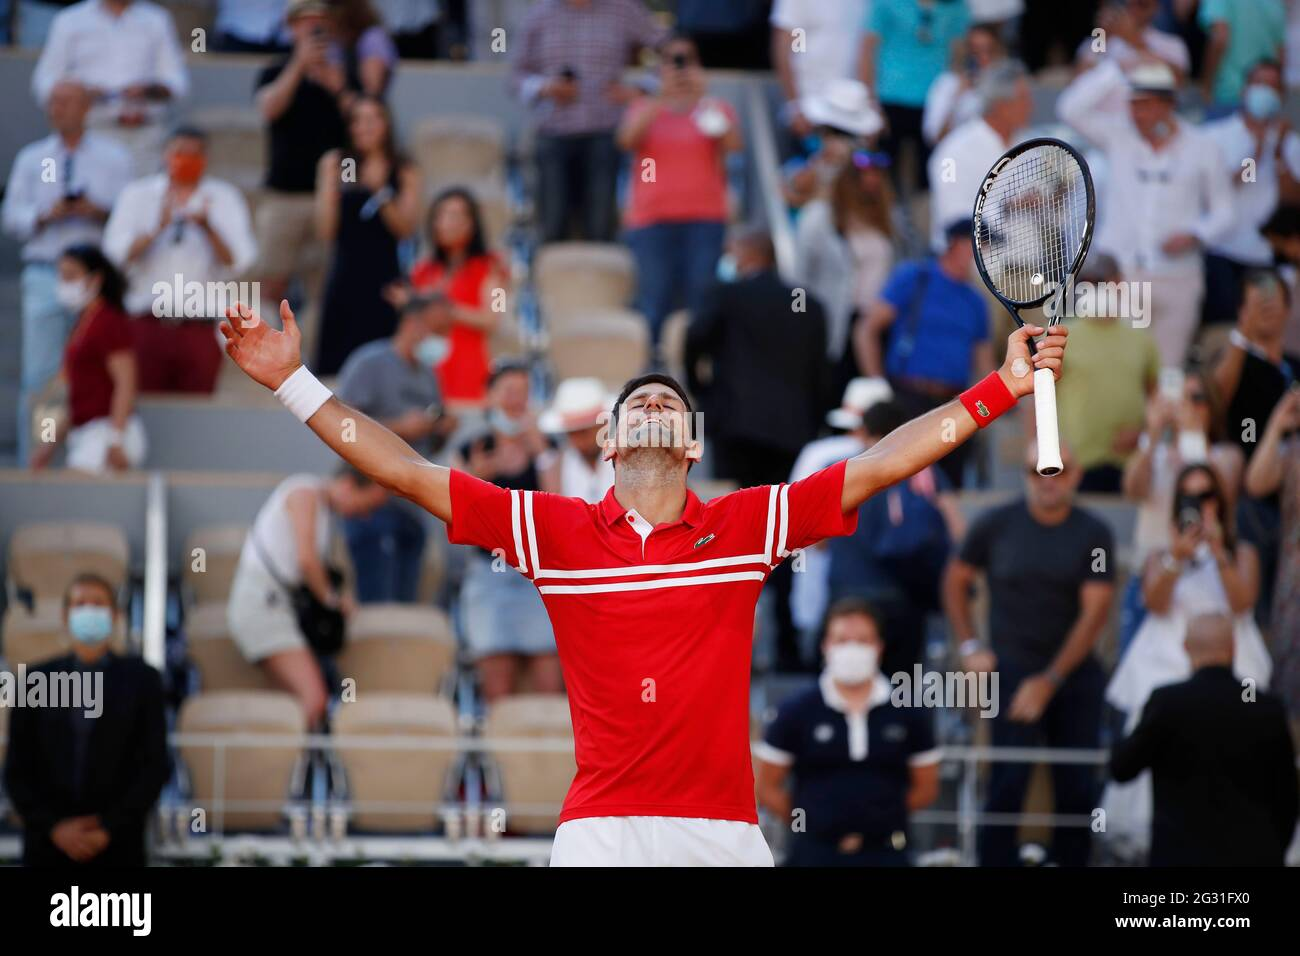 Tennis - French Open - Roland Garros, Paris, Frankreich - 13. Juni 2021 der serbische Novak Djokovic feiert den Sieg im Finale gegen den griechischen Stefanos Tsitsipas REUTERS/Gonzalo Fuentes Stockfoto